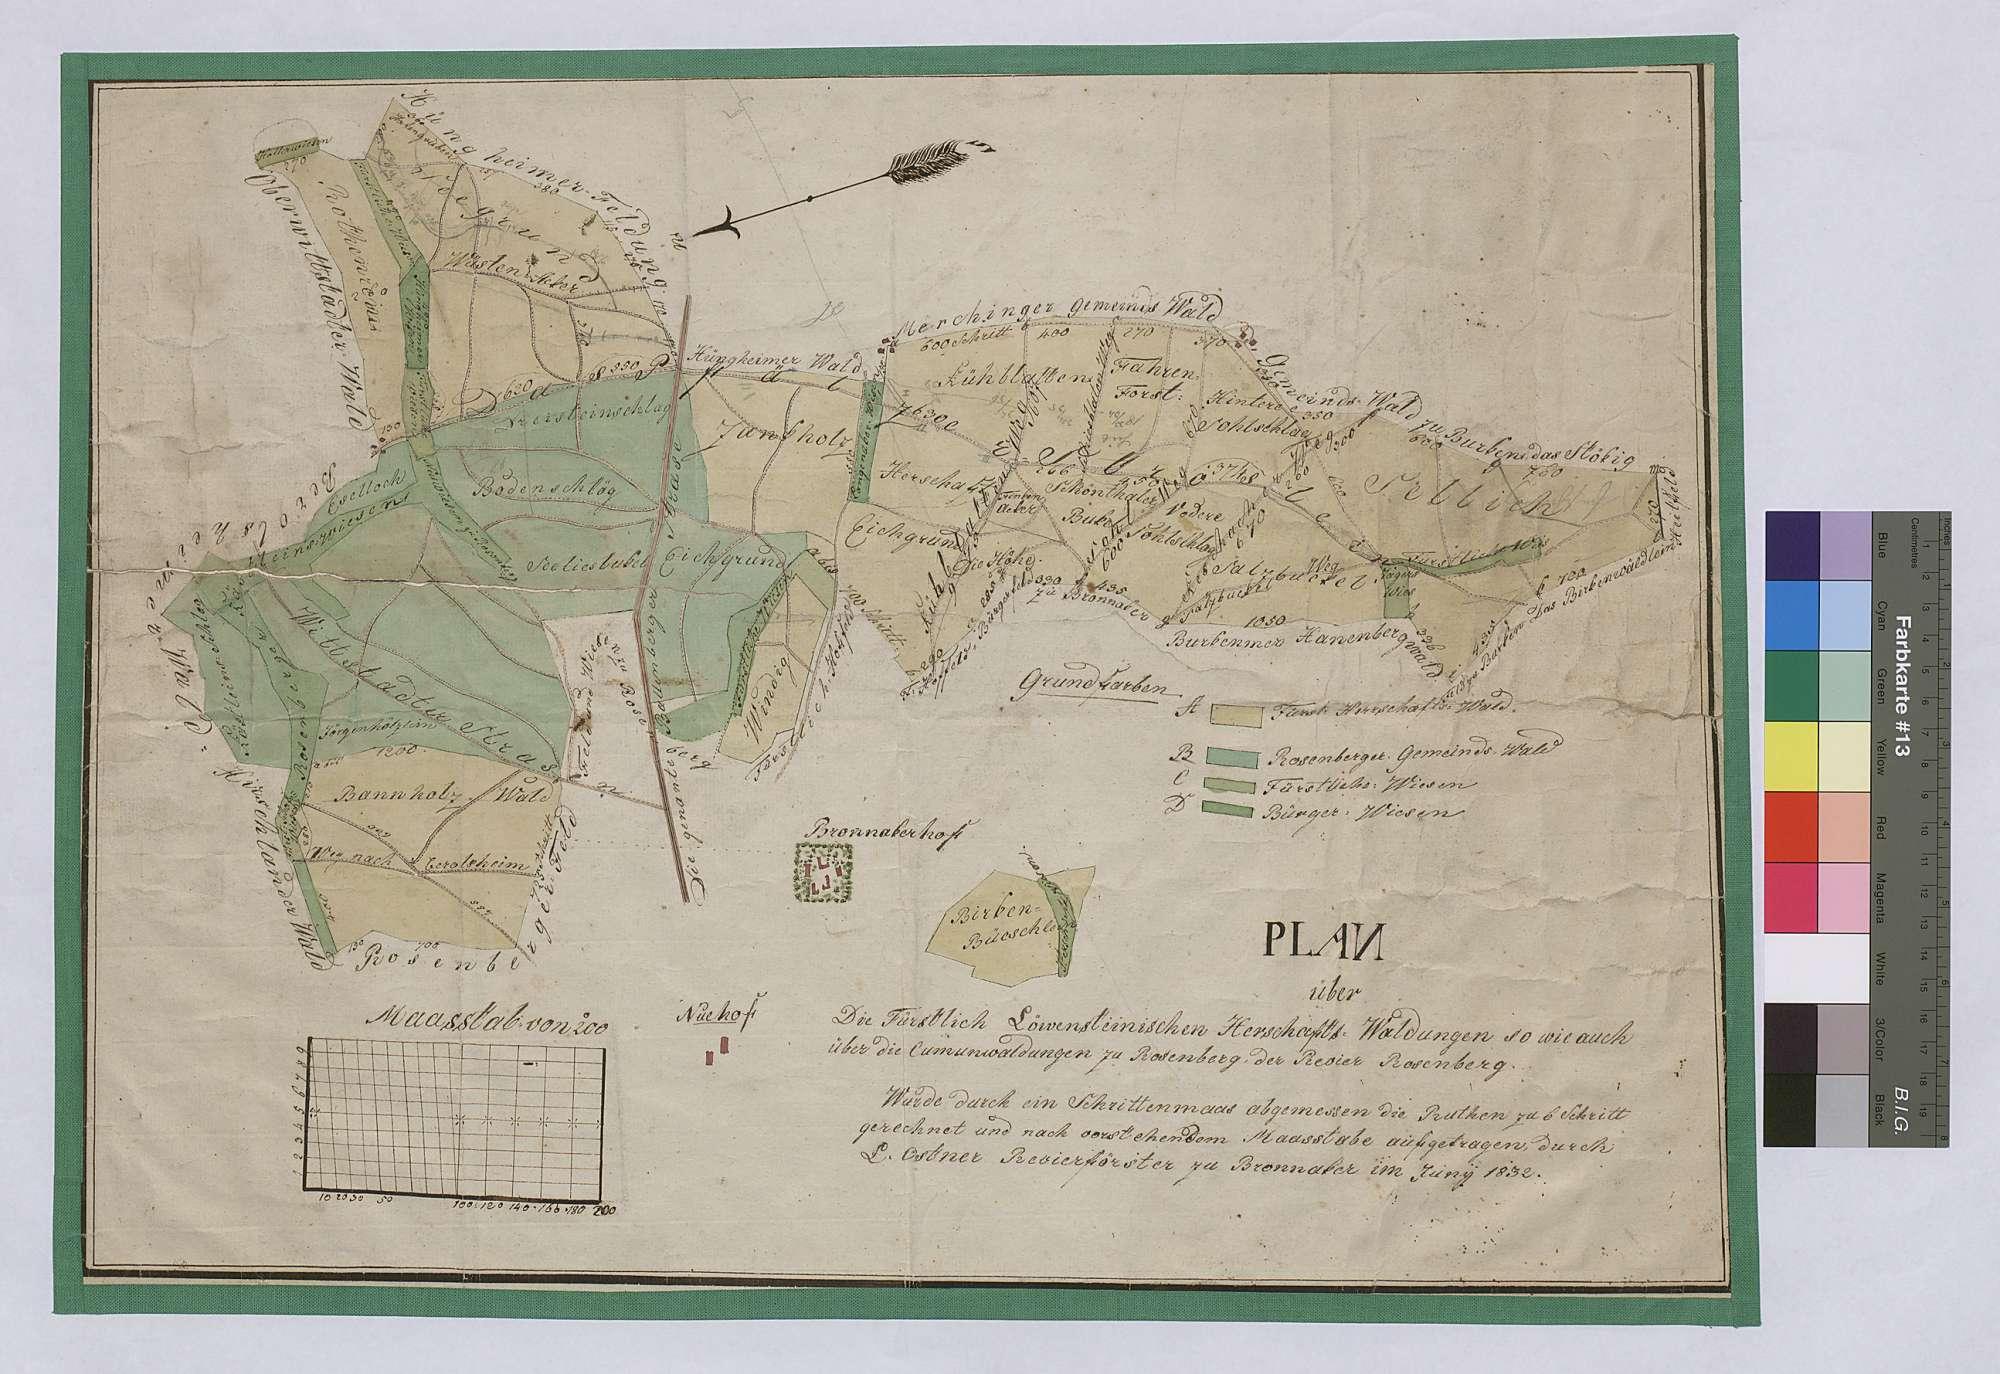 Herrschaftswaldungen sowie auch die Kommunwaldungen zu Rosenberg (Inselkarte), Bild 1